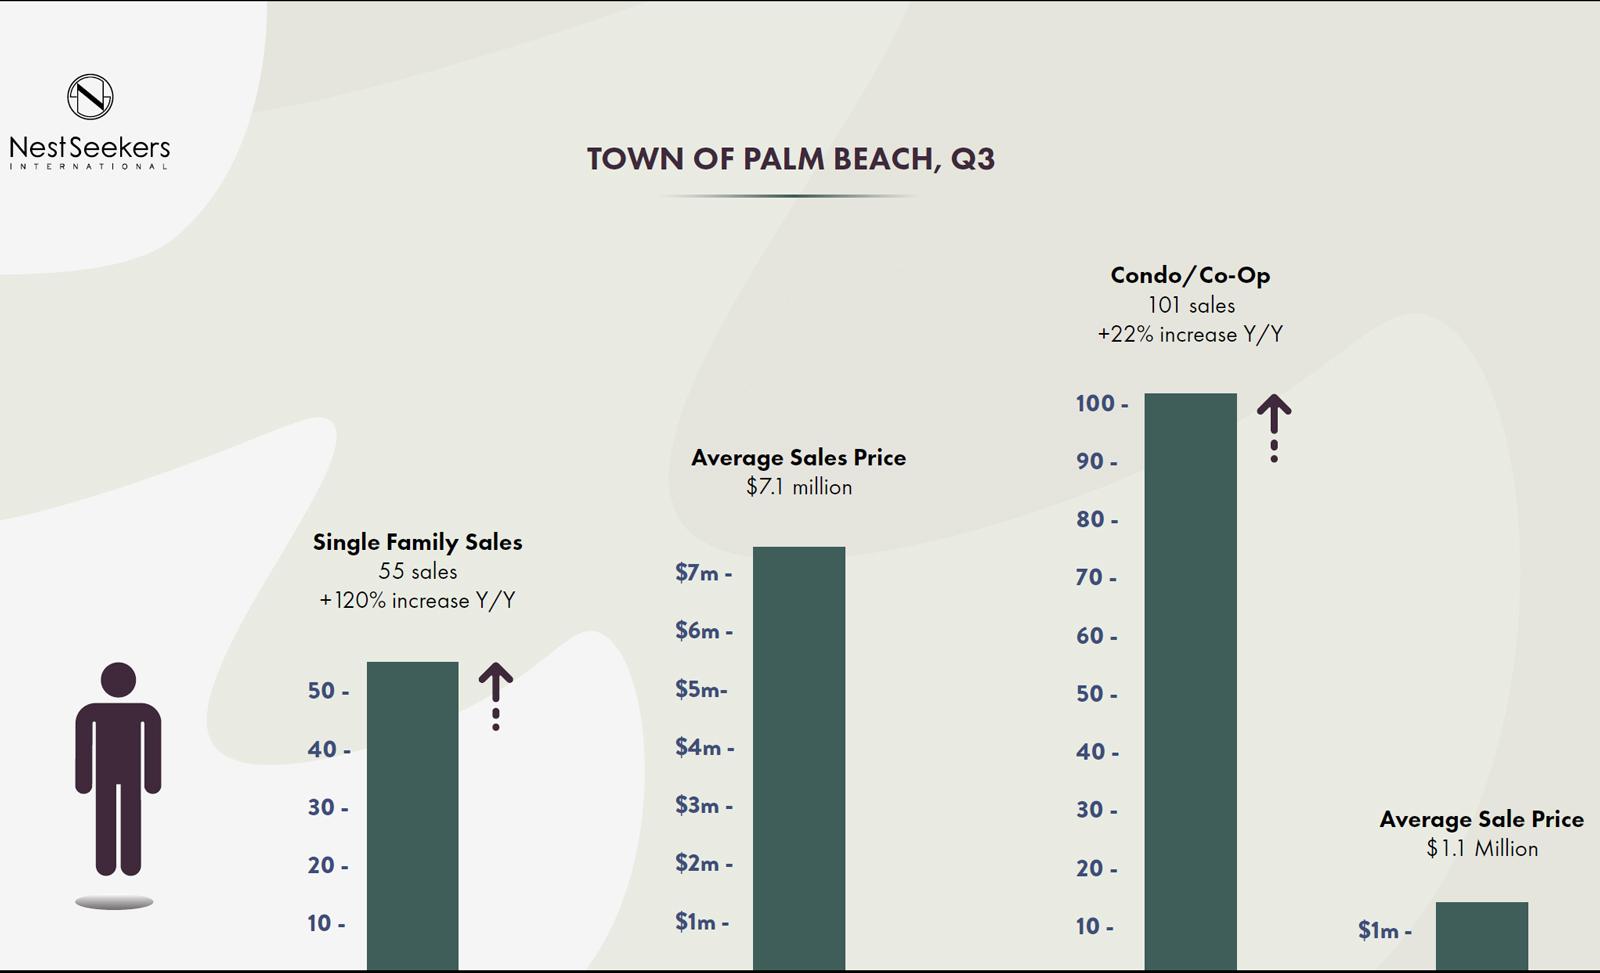 Palm-Beach-2021-home-sales-report,-Town-of-Palm-Beach,-Q3.jpg